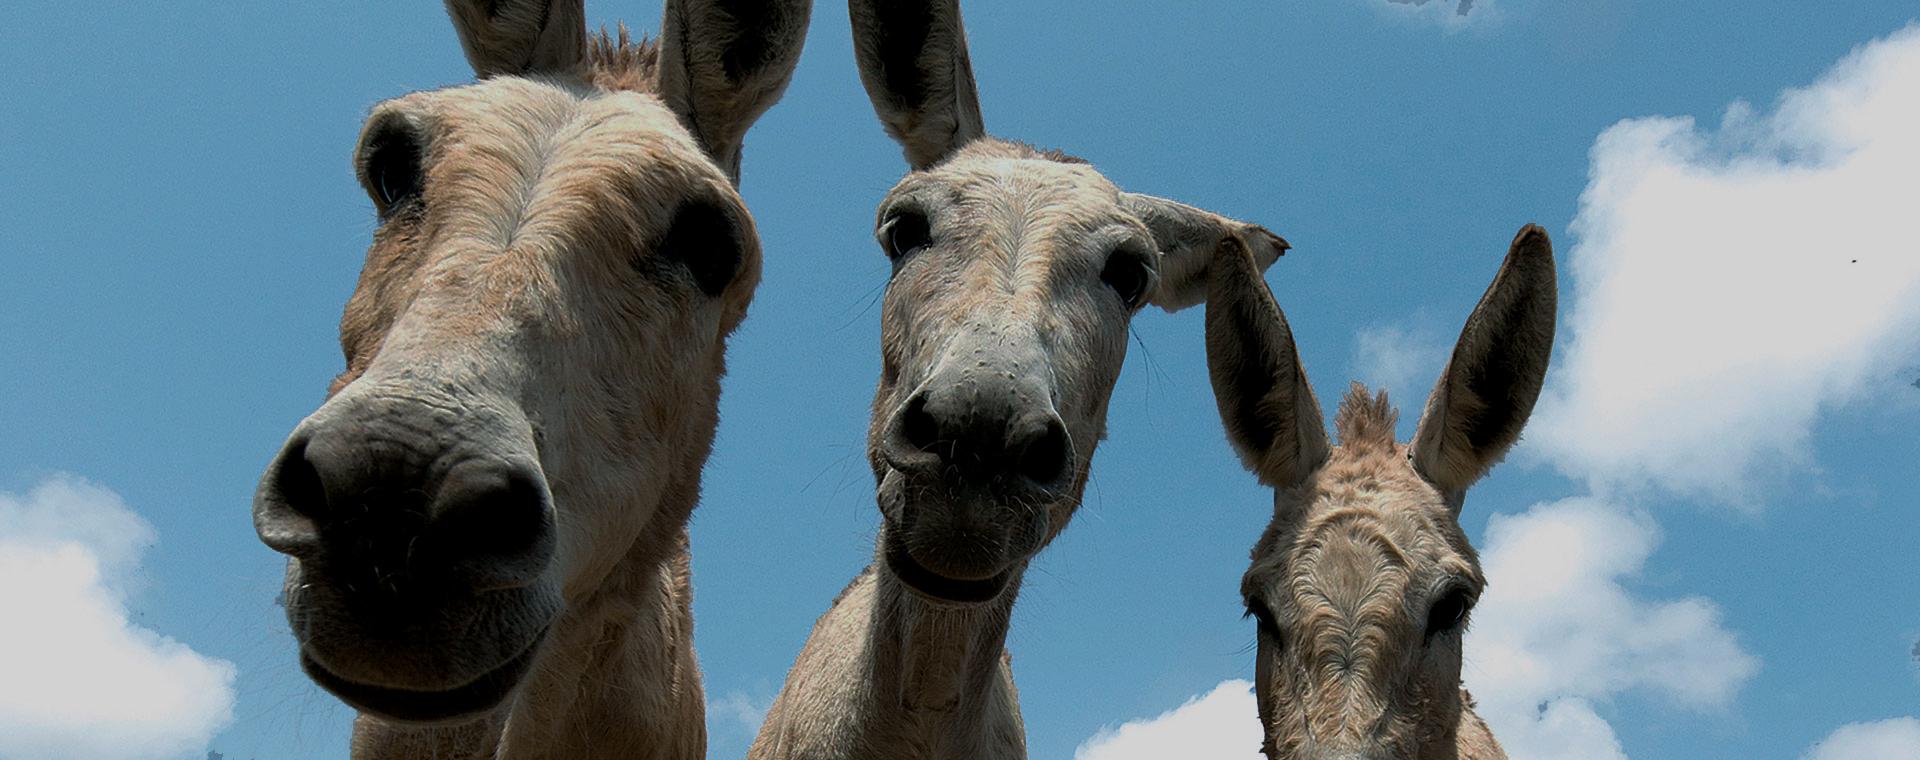 Donkey Performance ezels